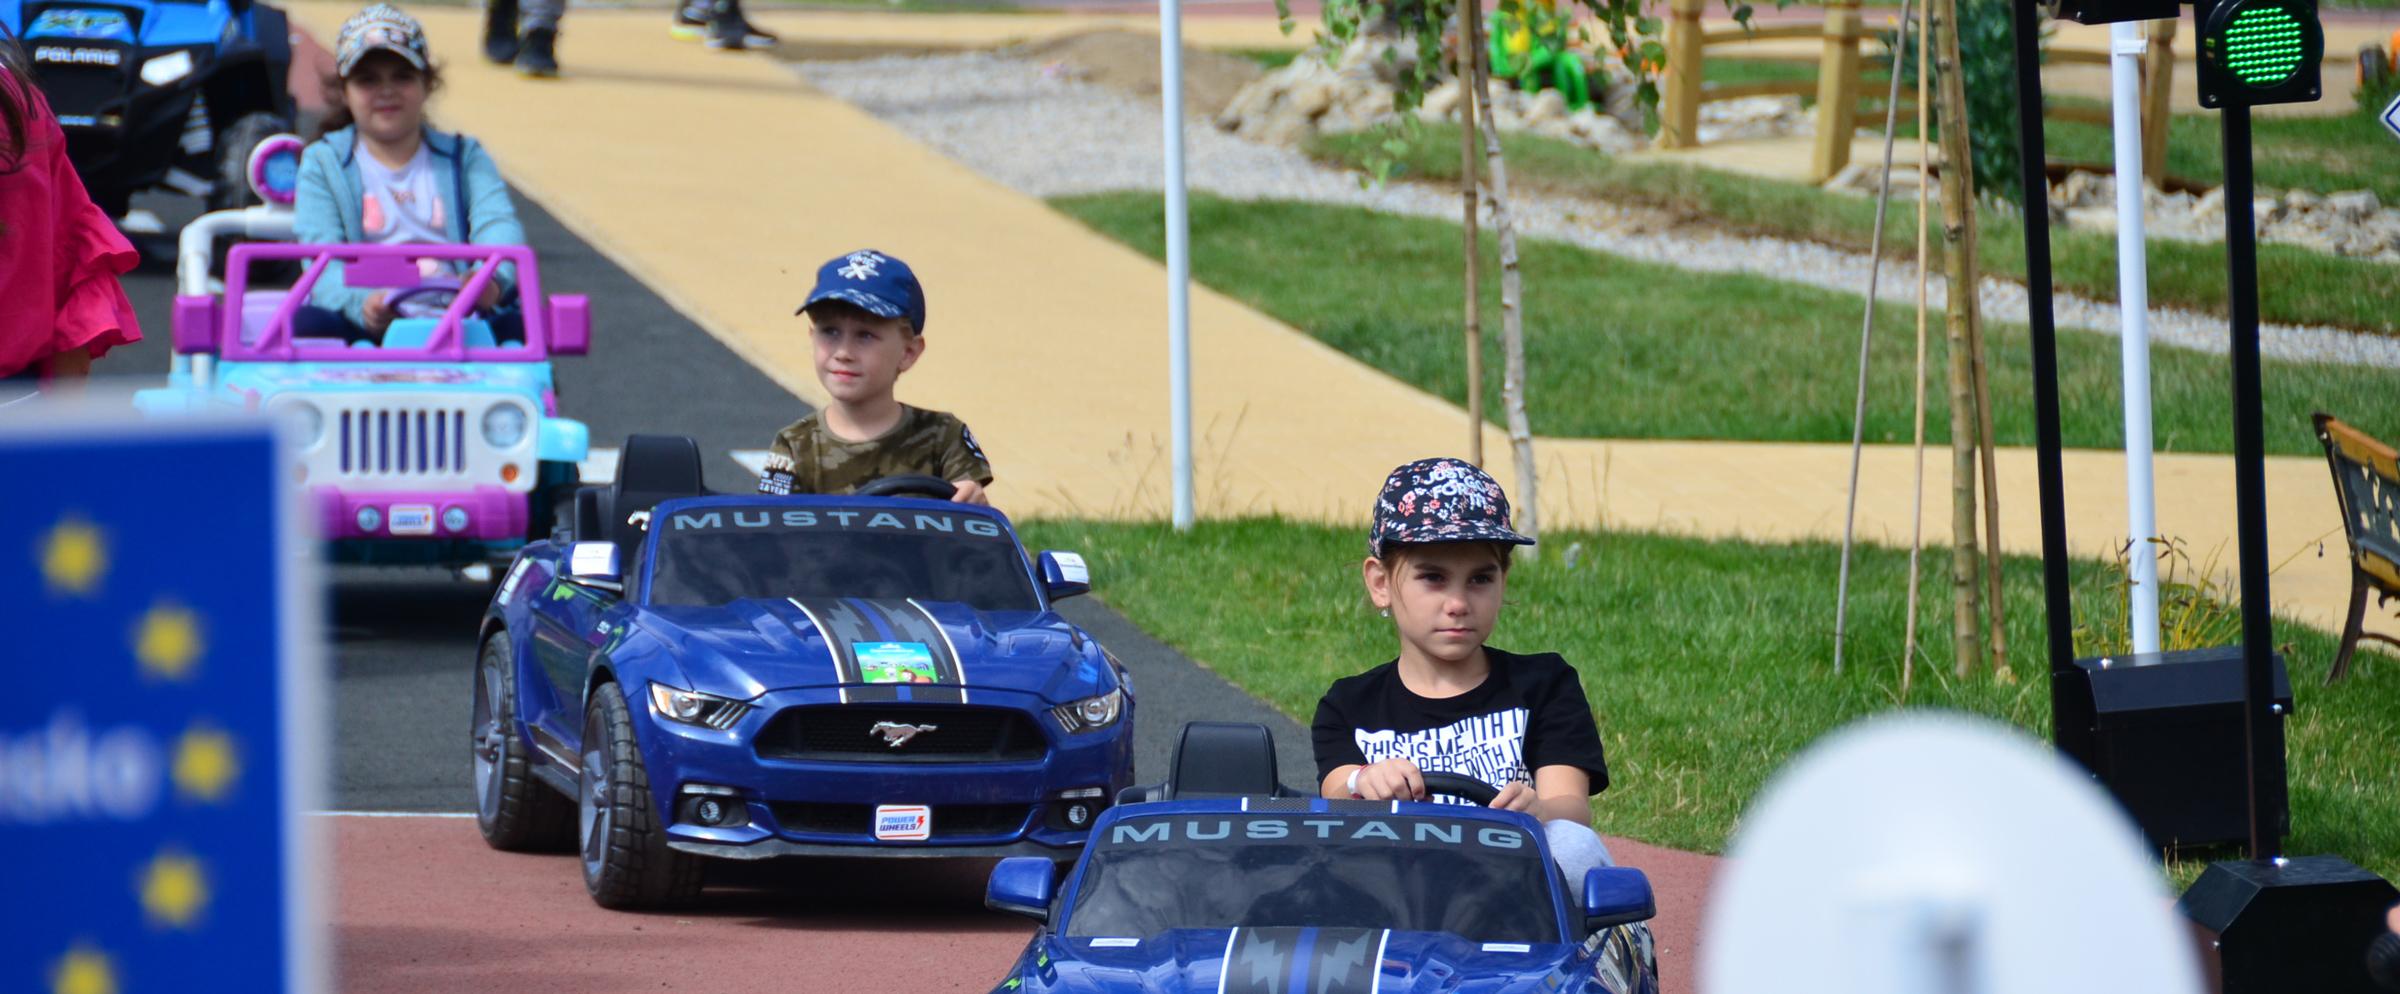 deti na ceste v Donovalkove idúce za sebou v elektrických autíčkach